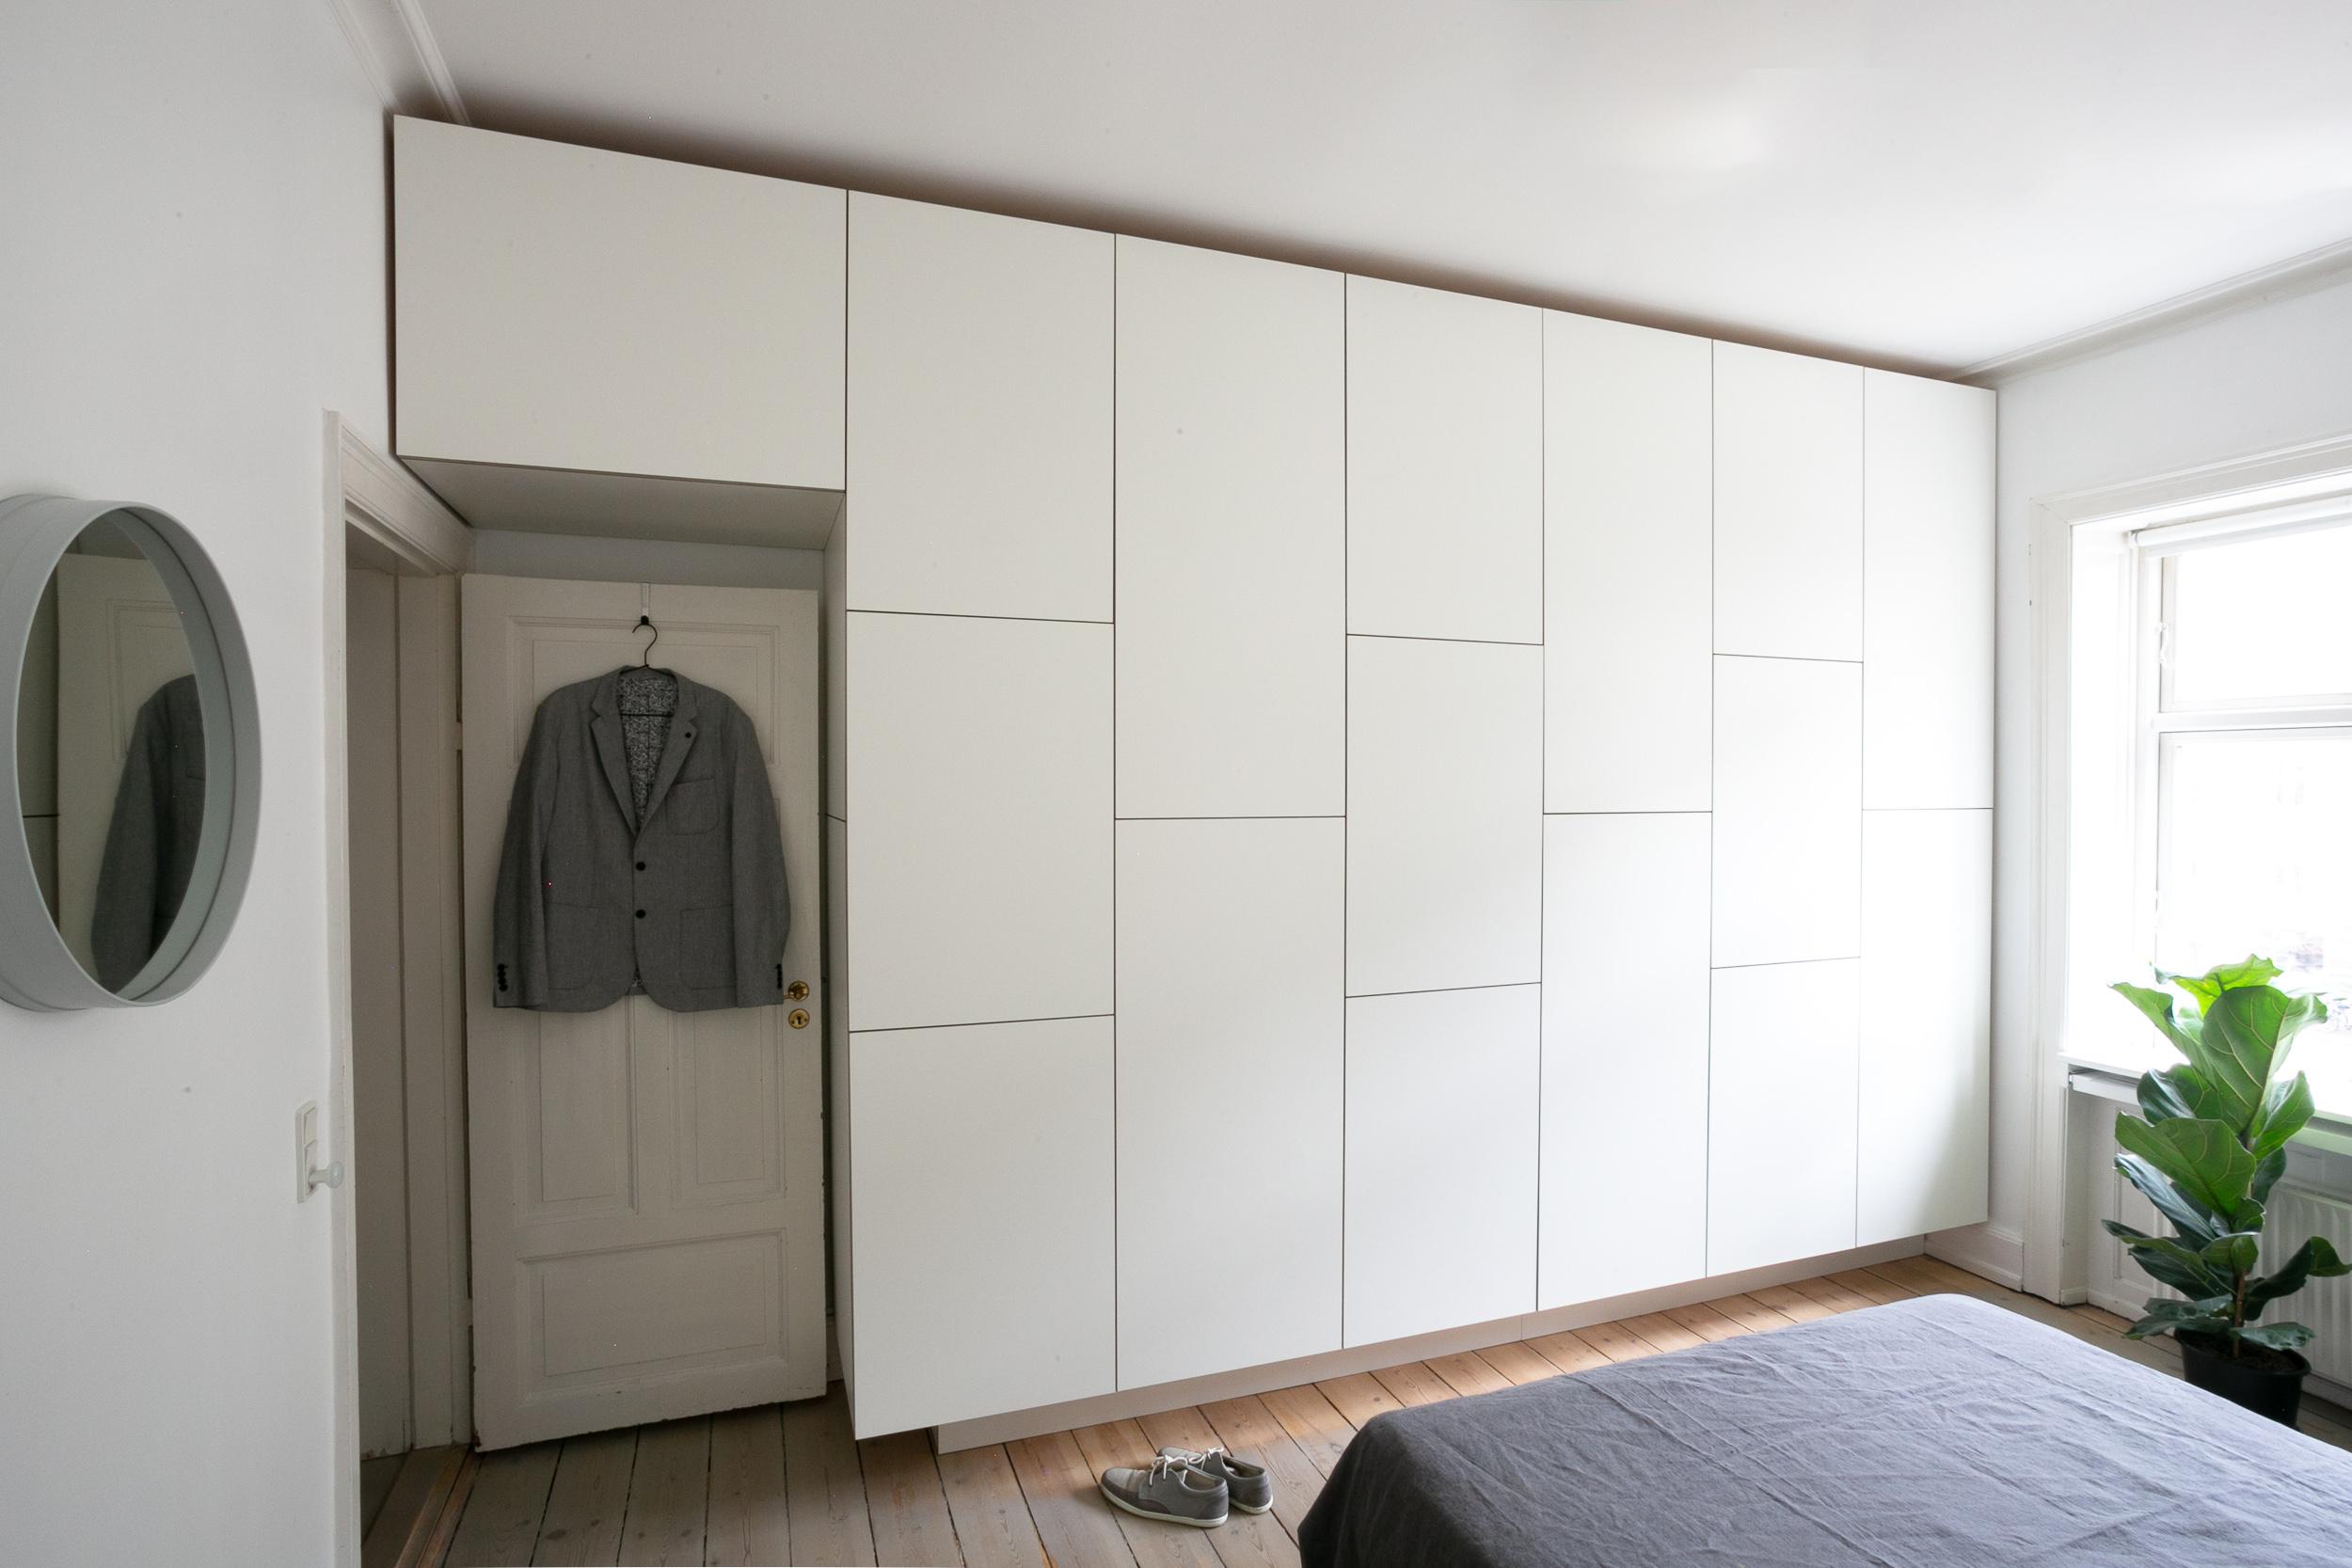 Indbygget garderobeskab over dør